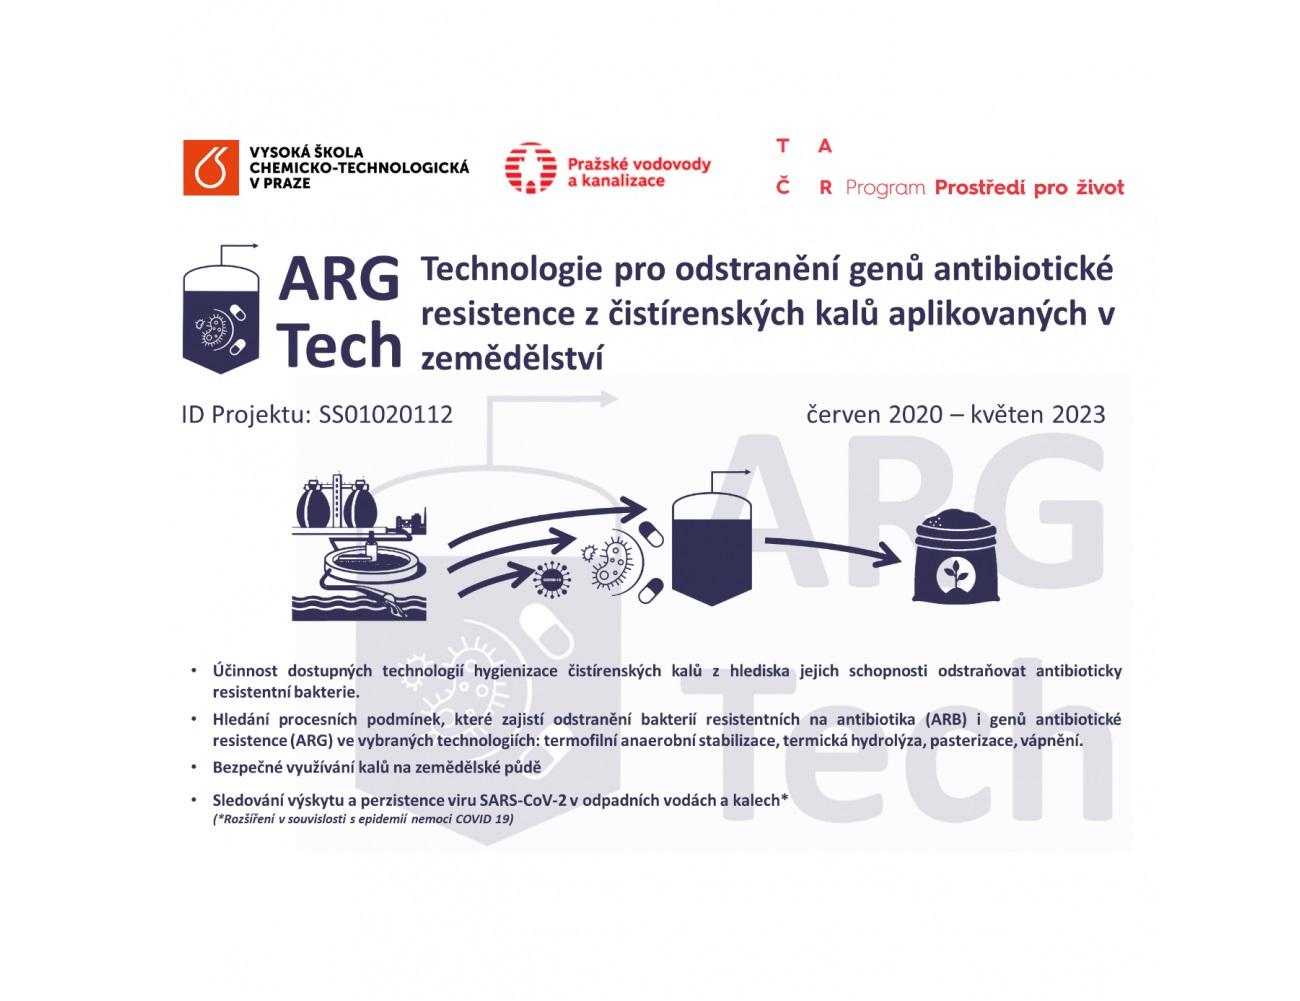 Vysoká škola chemicko-technologická v Praze: Hledání technologií pro detekci a odstranění virů a bakterií v odpadních vodách a kalech